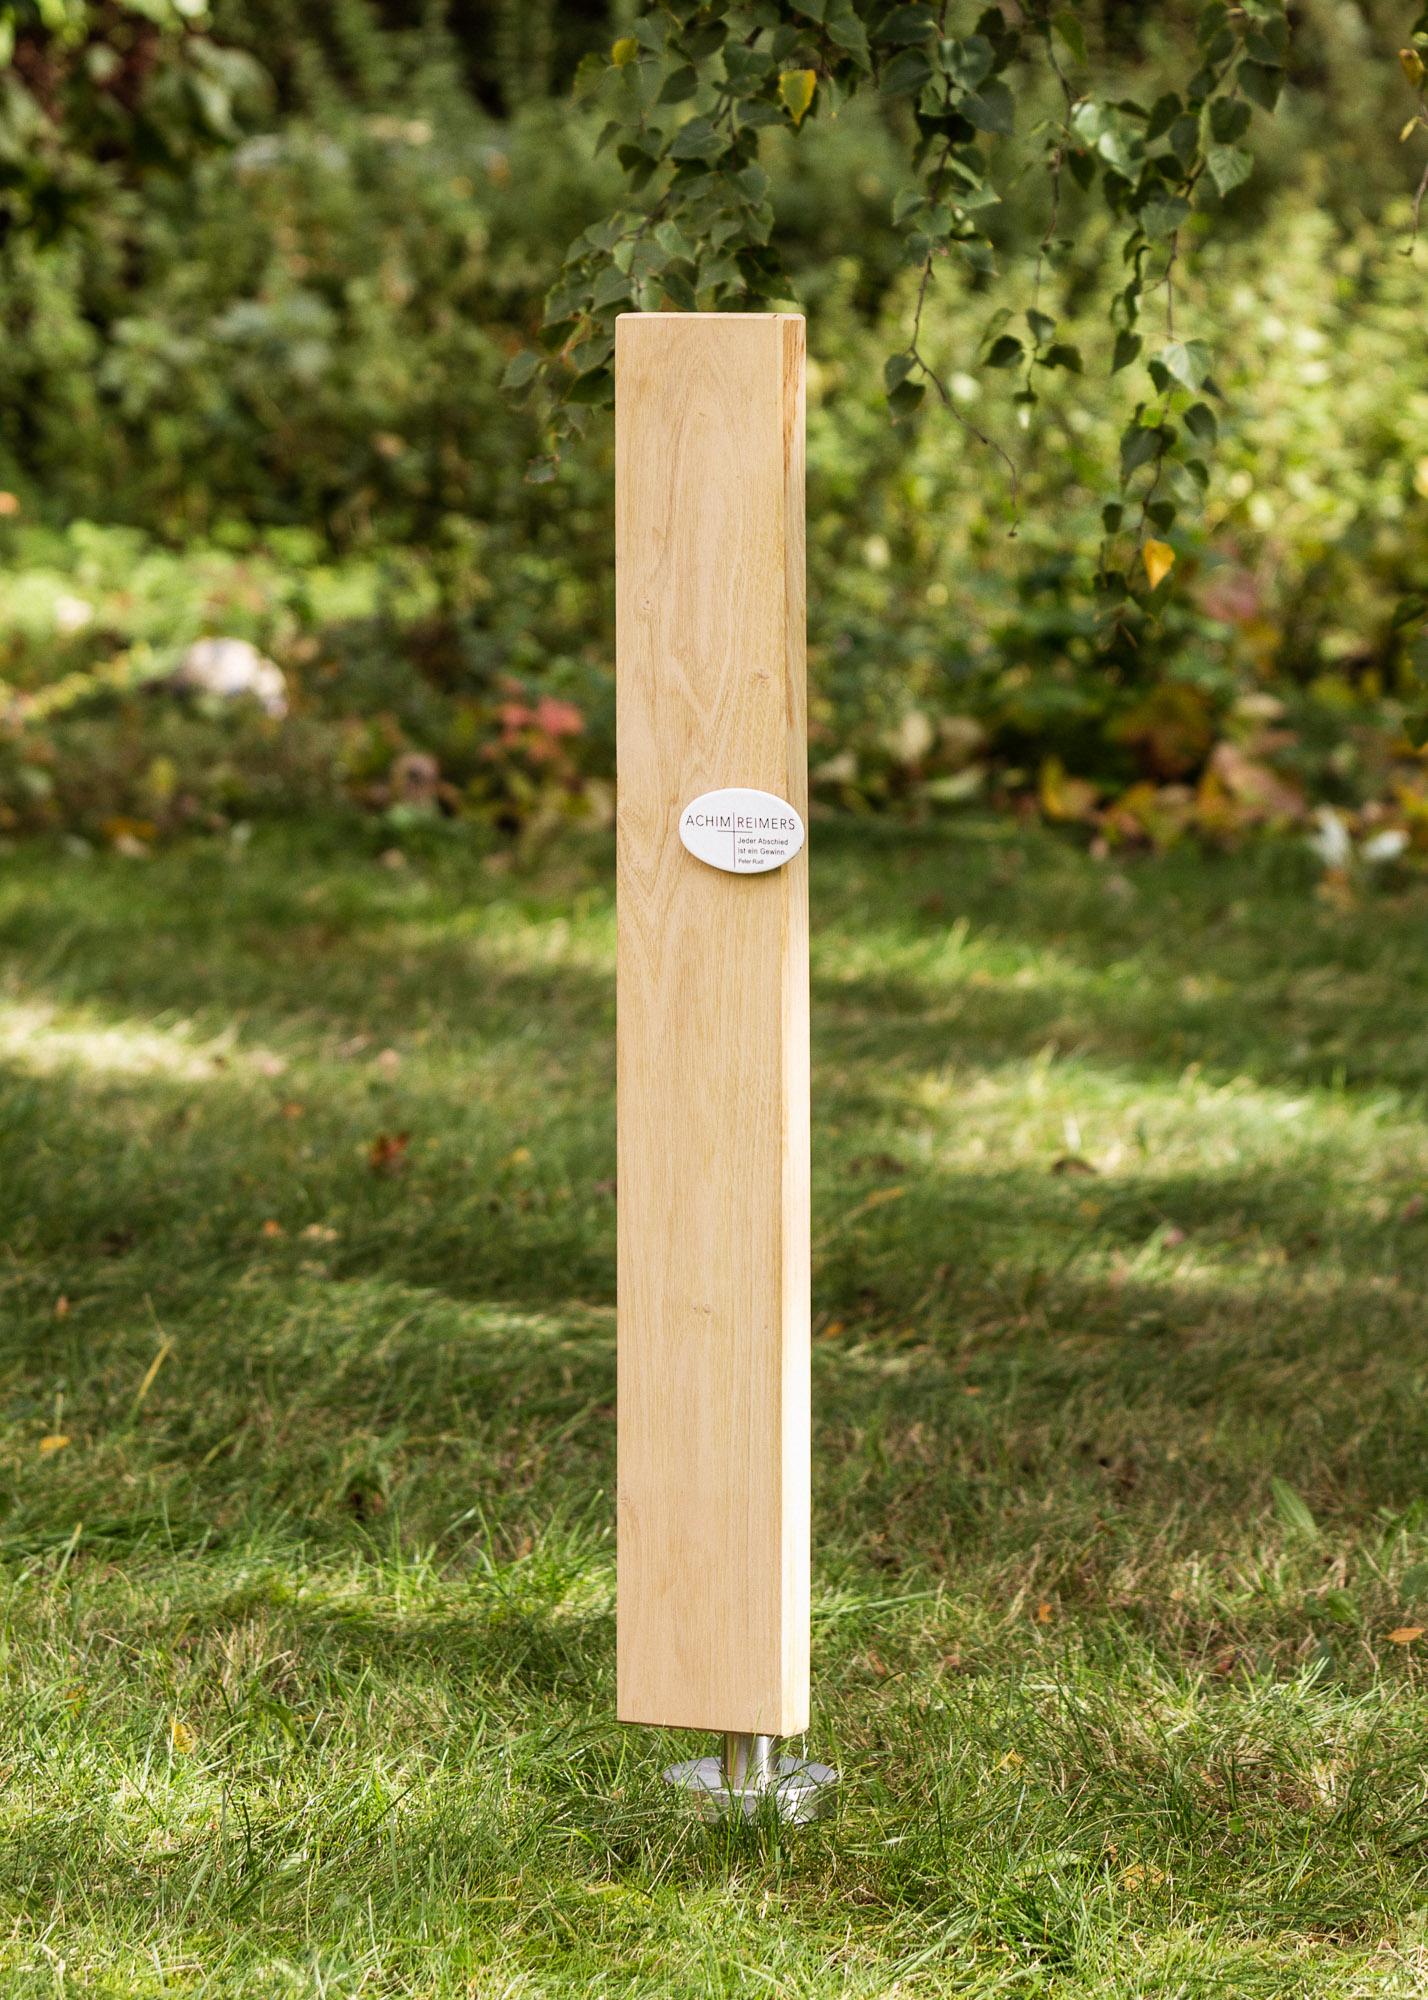 Grabmal aus Holz - lange schlichte Stele mit ovaler Emaille als Einzelgrabmal